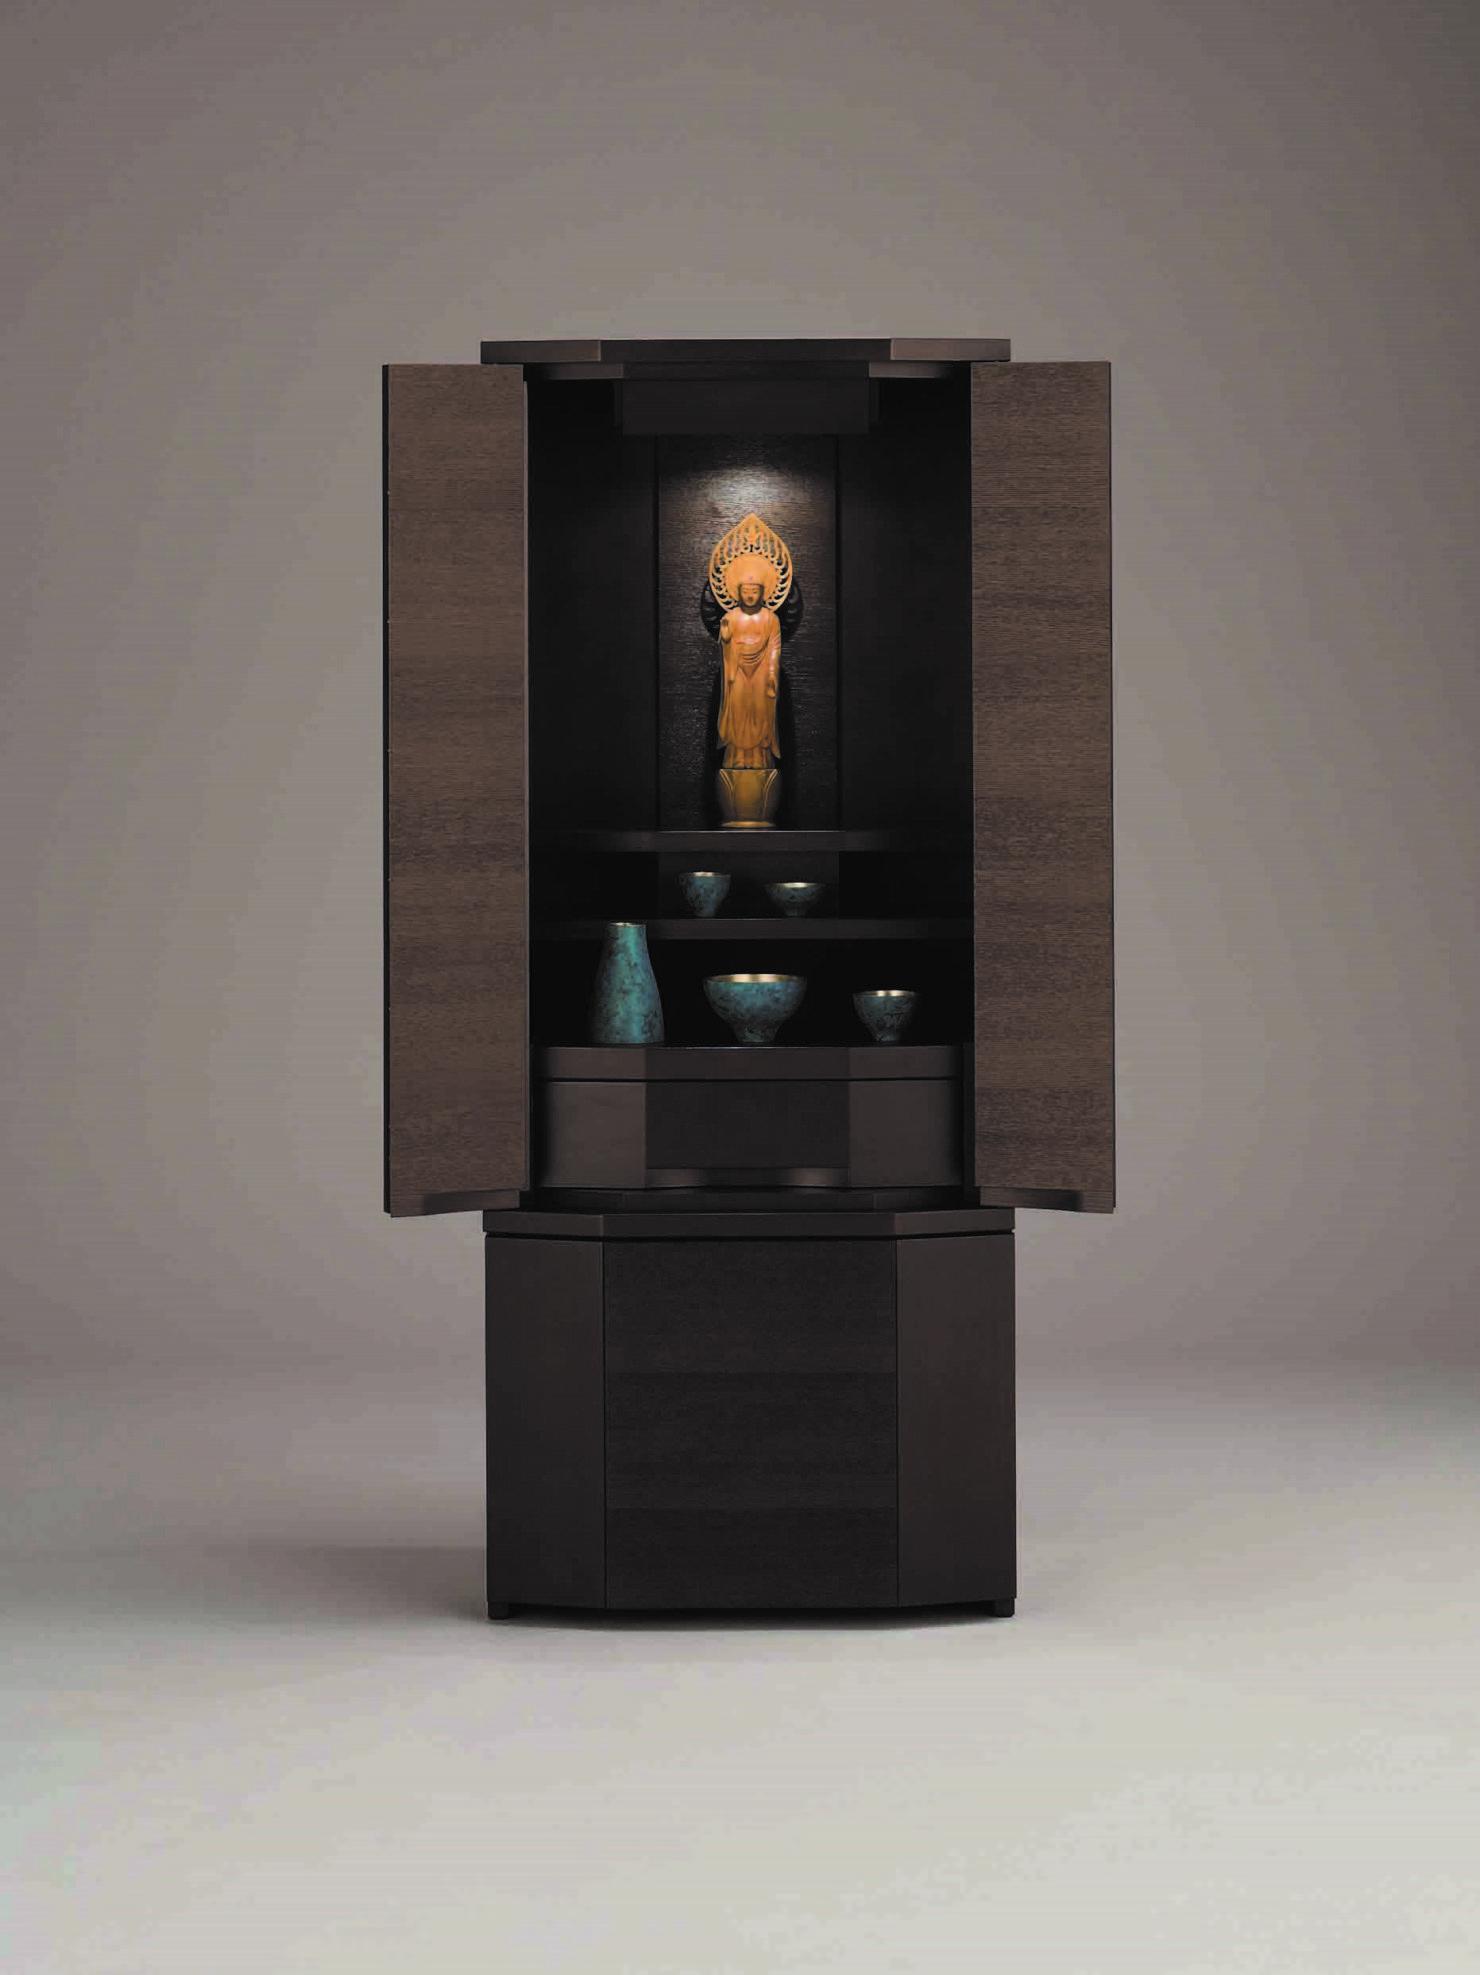 シンプルな現代仏壇「セダムダーク1200」京都の老舗仏壇店が紹介する現代仏壇の魅力